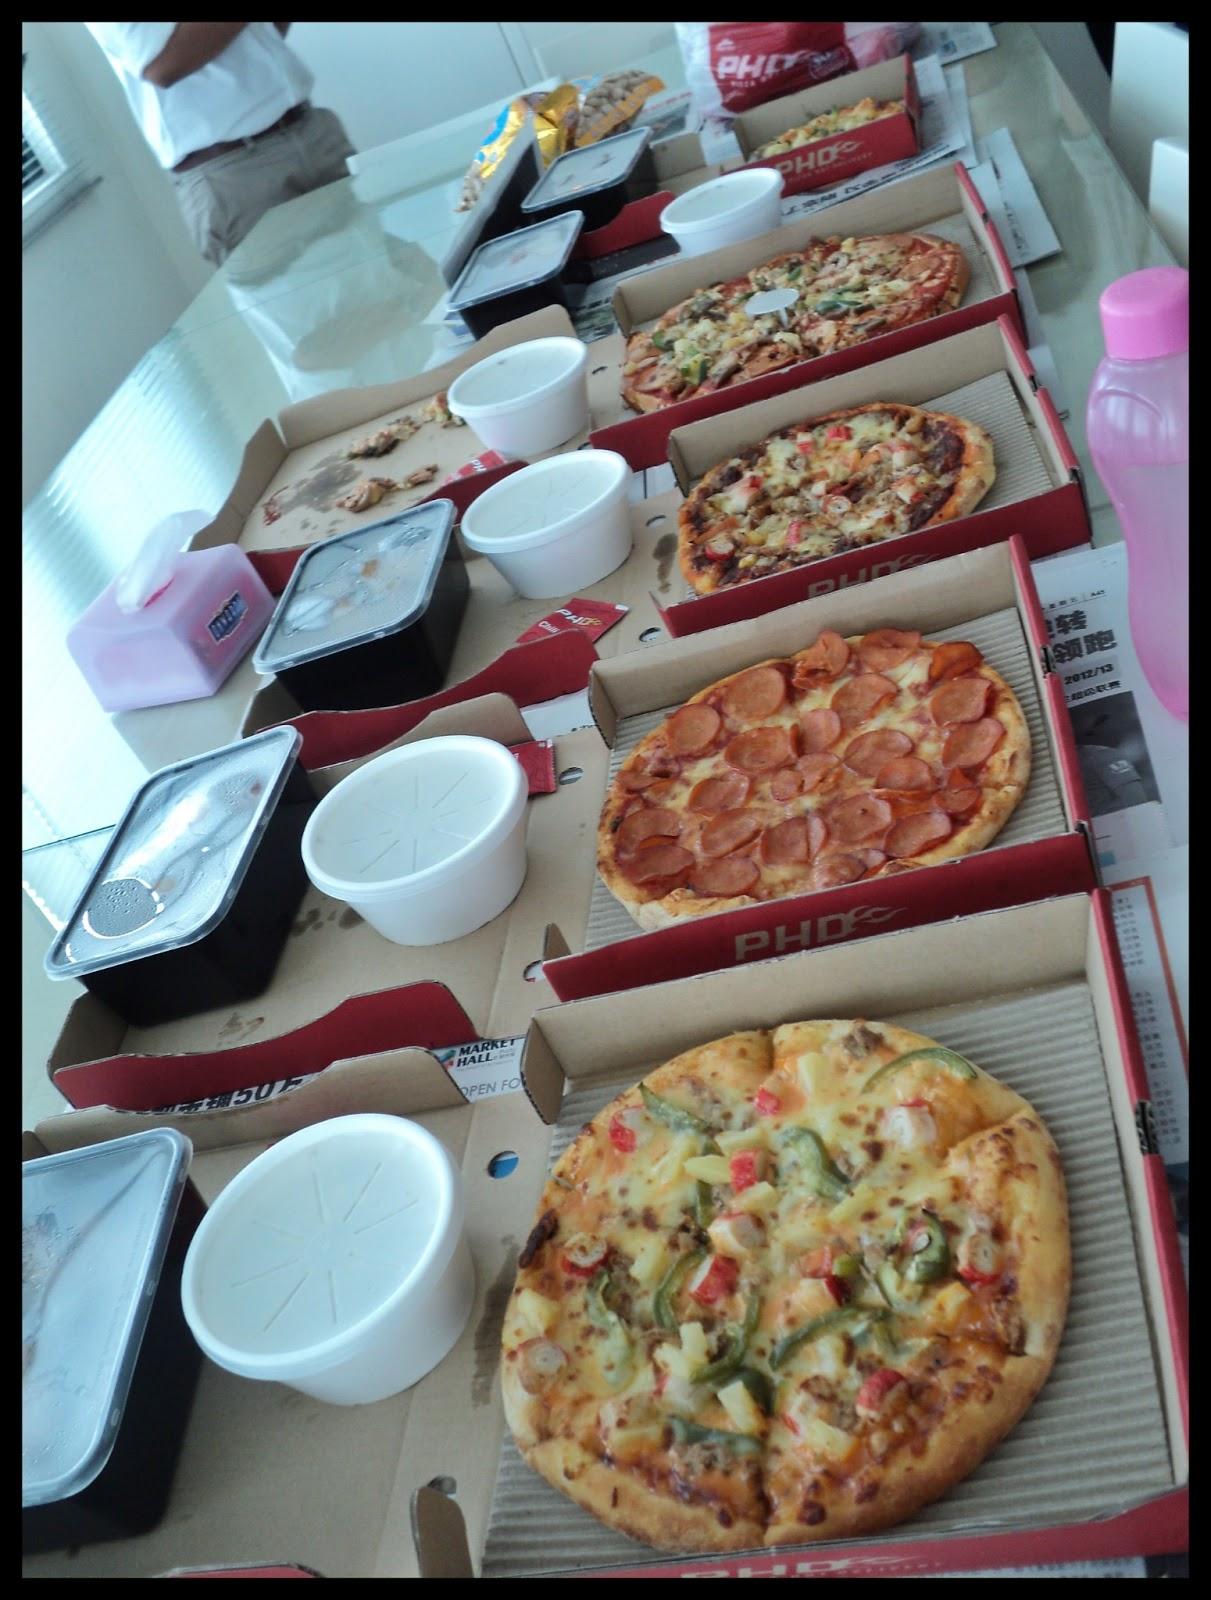 Makan pizza hut jetapi syedappppnyumnyumnyummacam-macam jenis